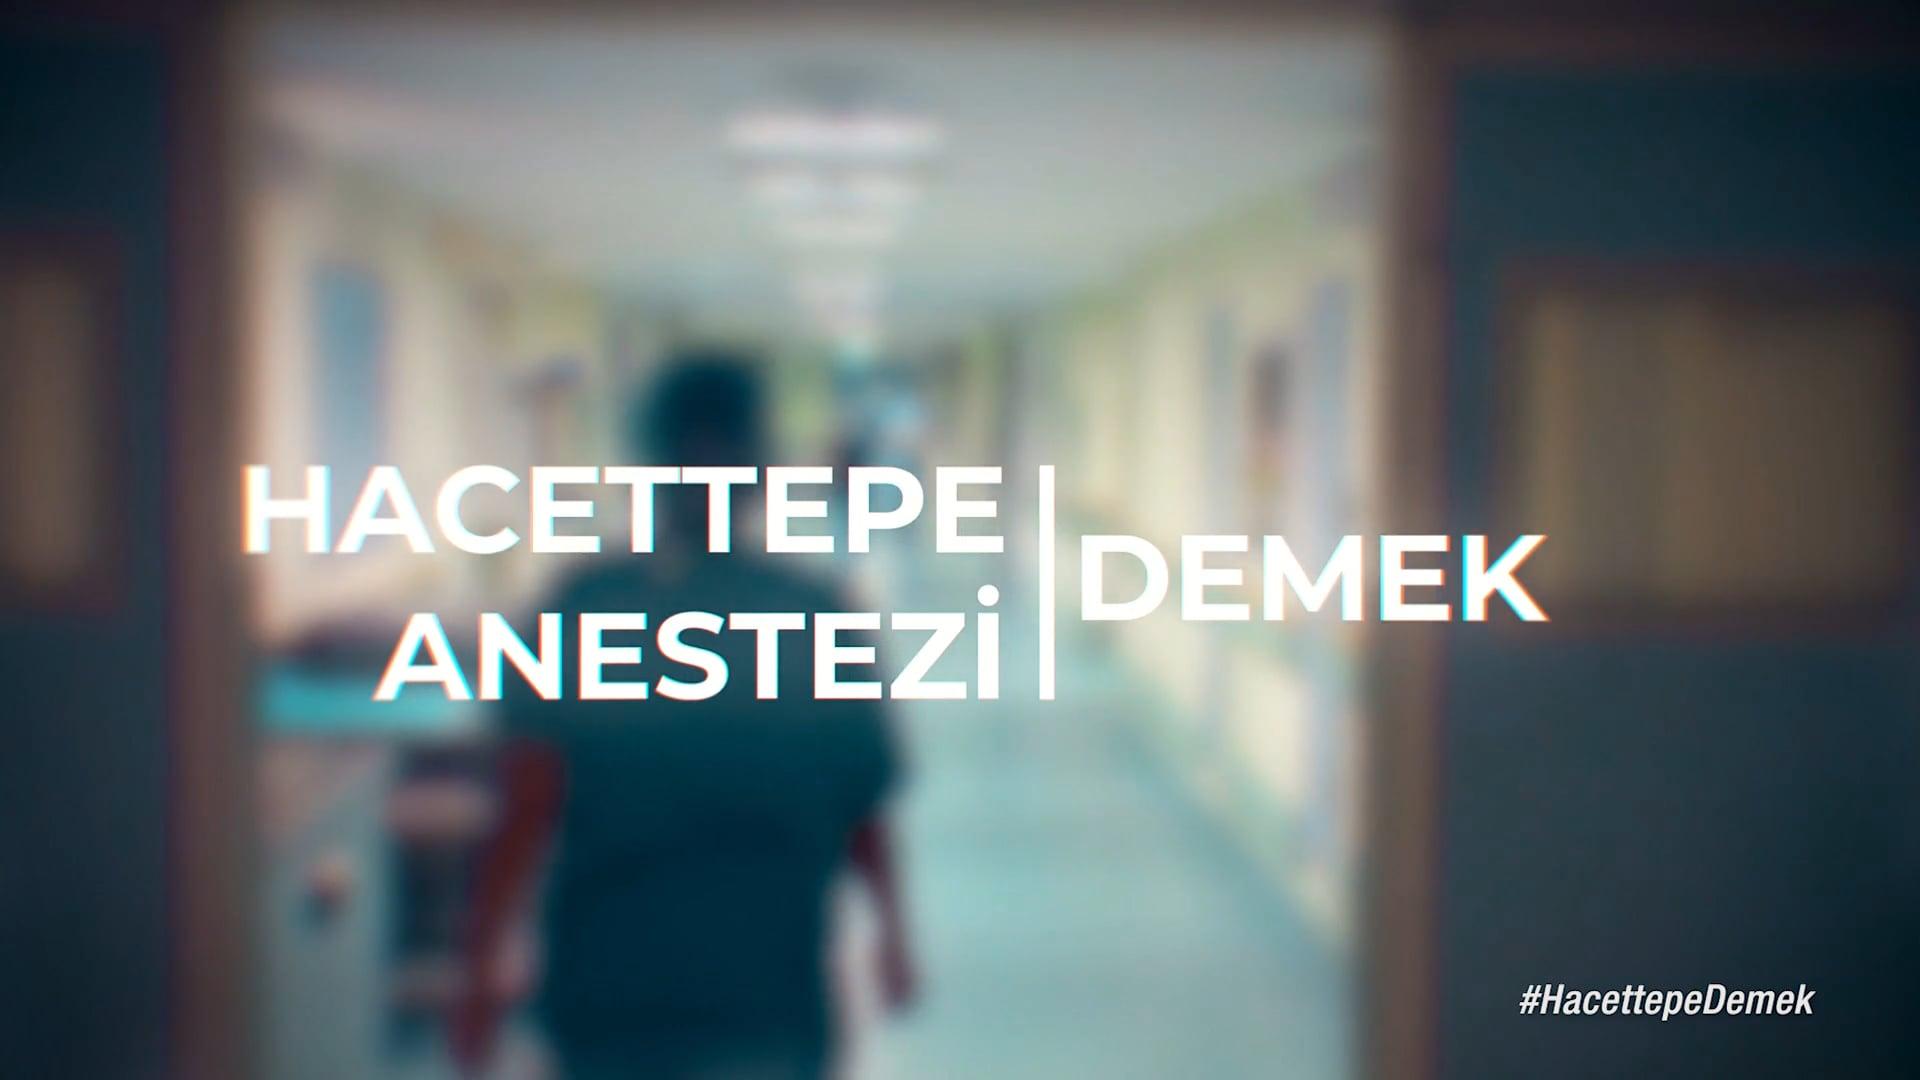 Hacettepe Anestezi - Tanıtım Videosu